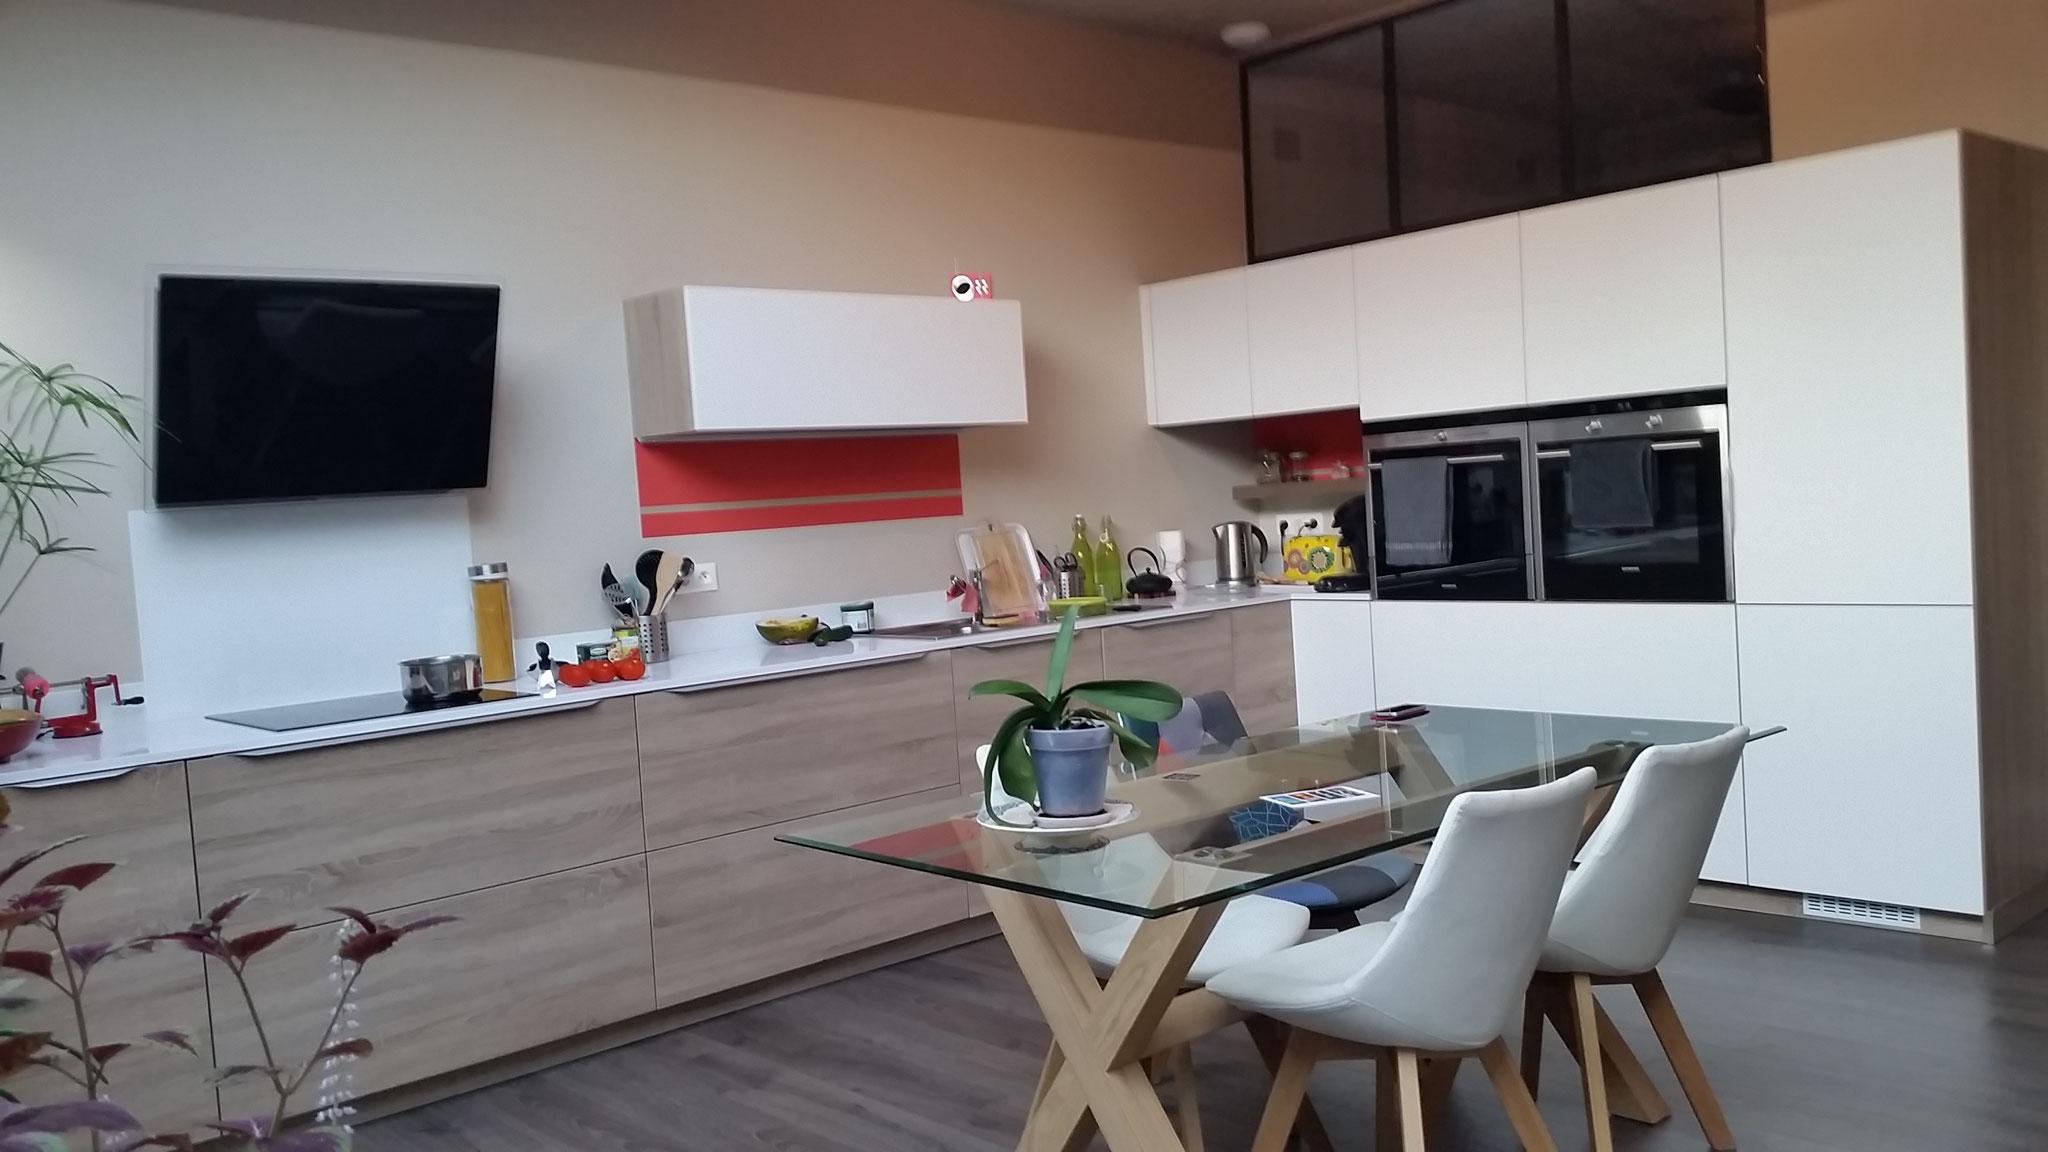 Exemples de réalisations de cuisine - Cuisine Interieur Design ...